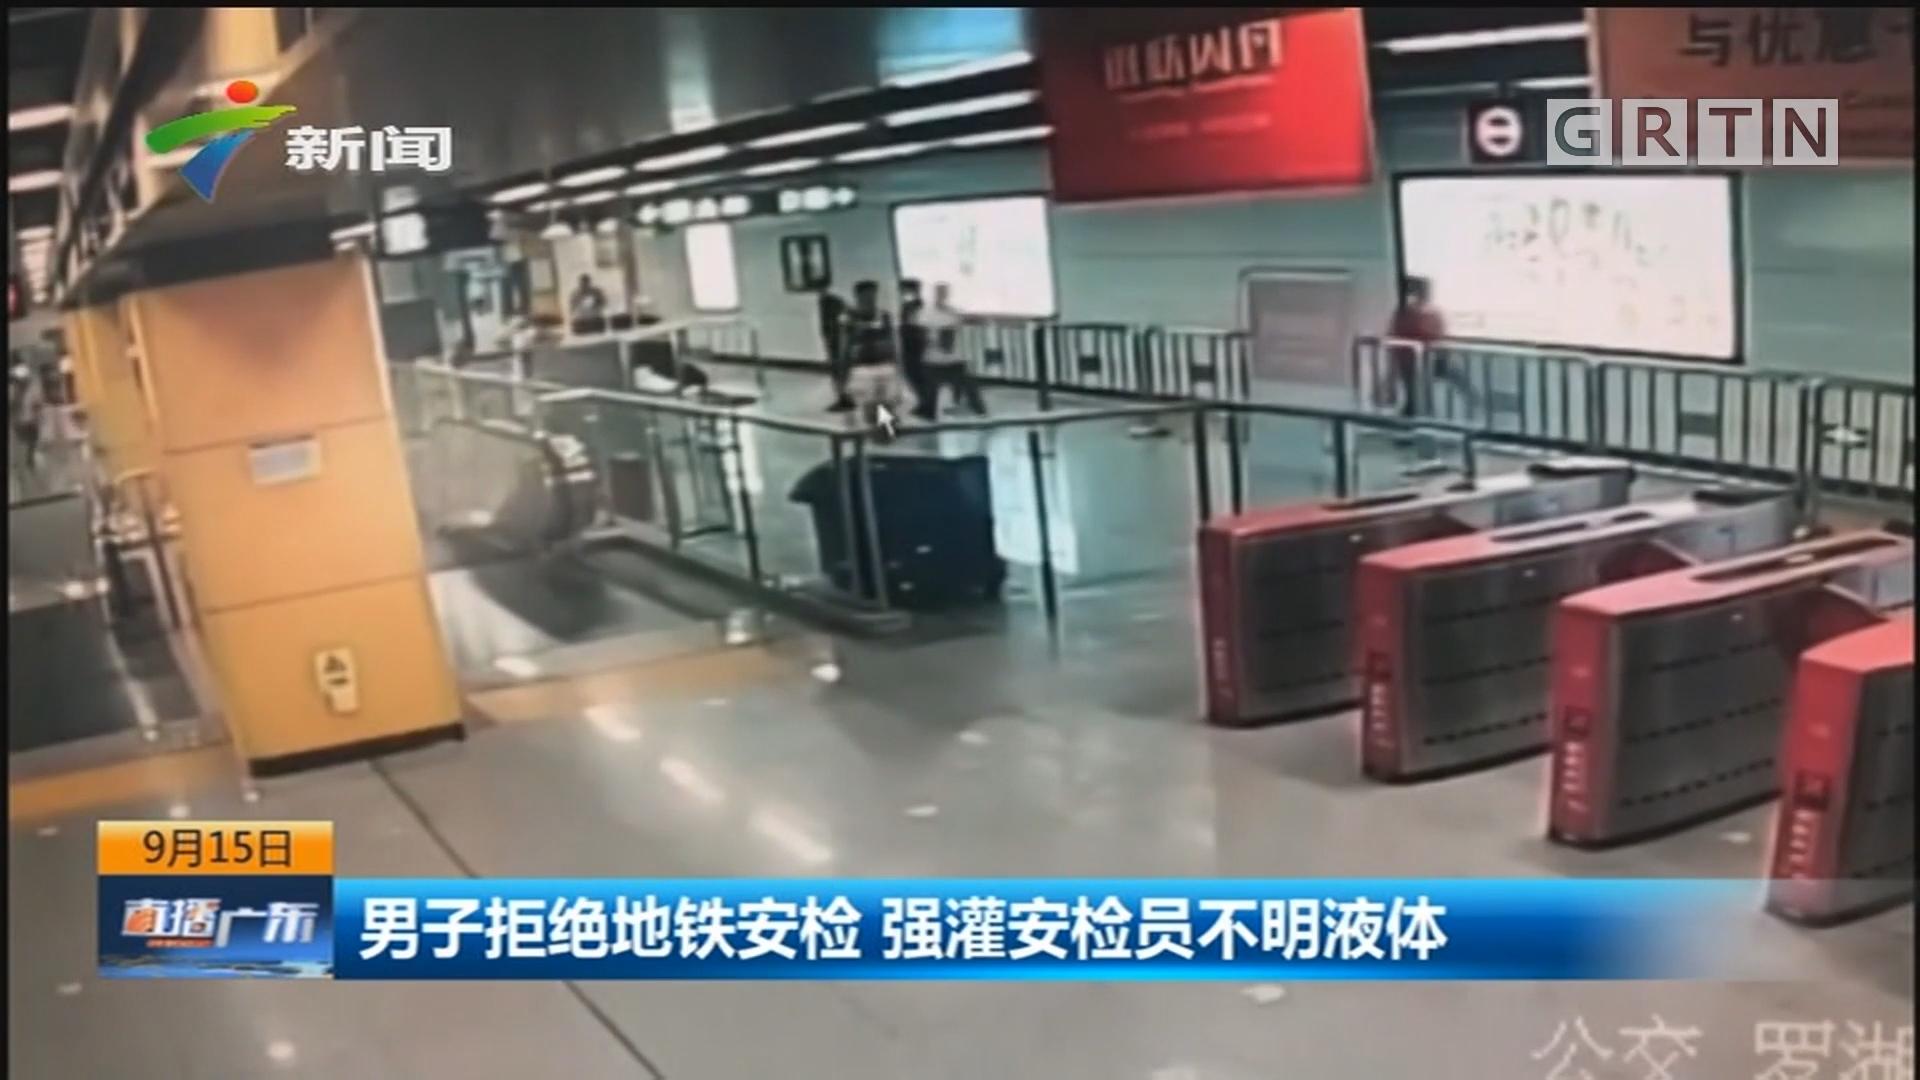 男子拒绝地铁安检 强灌安检员不明液体